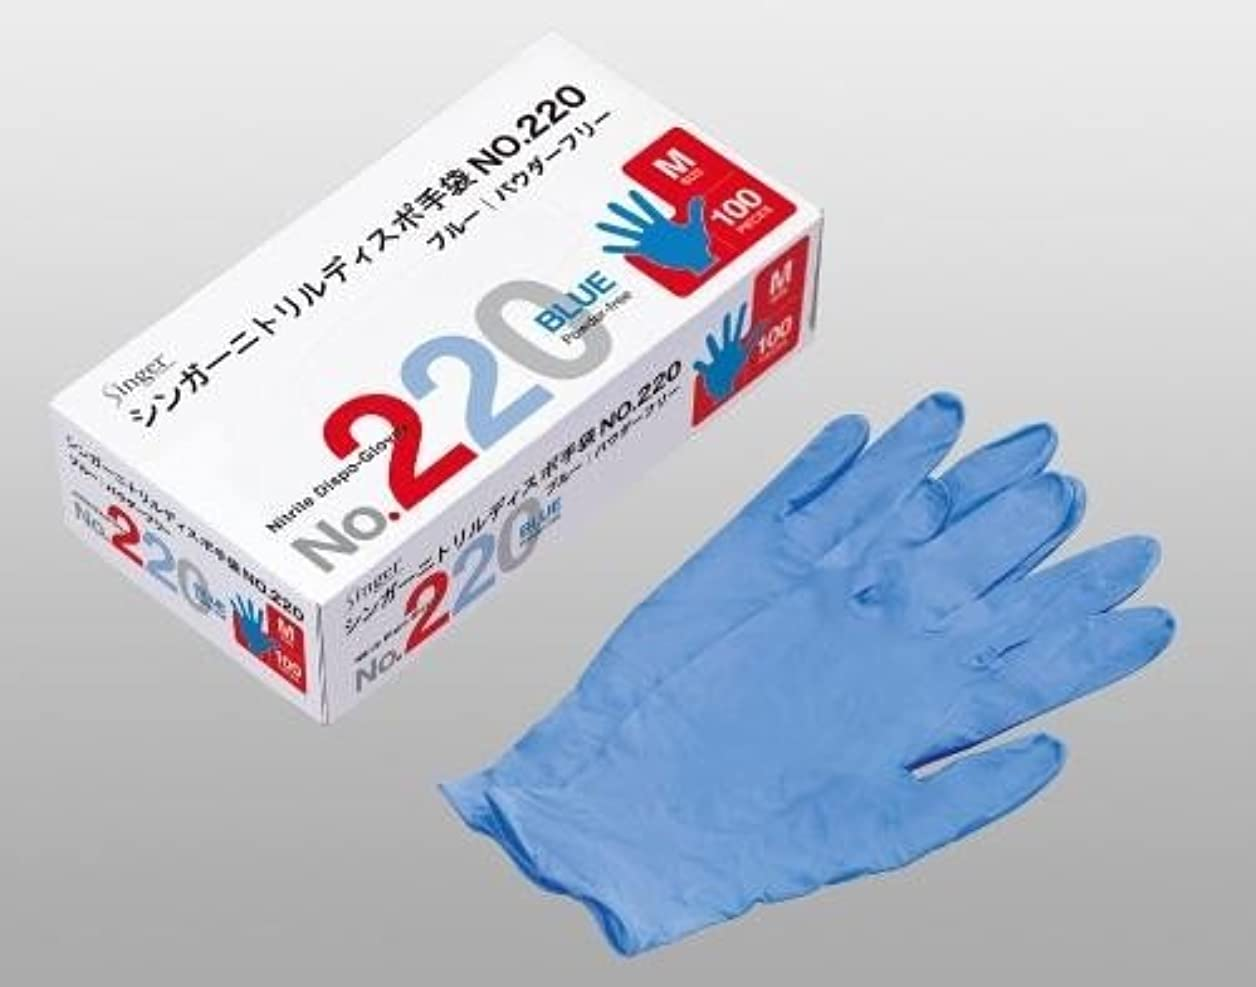 サワーミルしっかりシンガーニトリルディスポ手袋 No.220 ブルー パウダーフリー(100枚) M